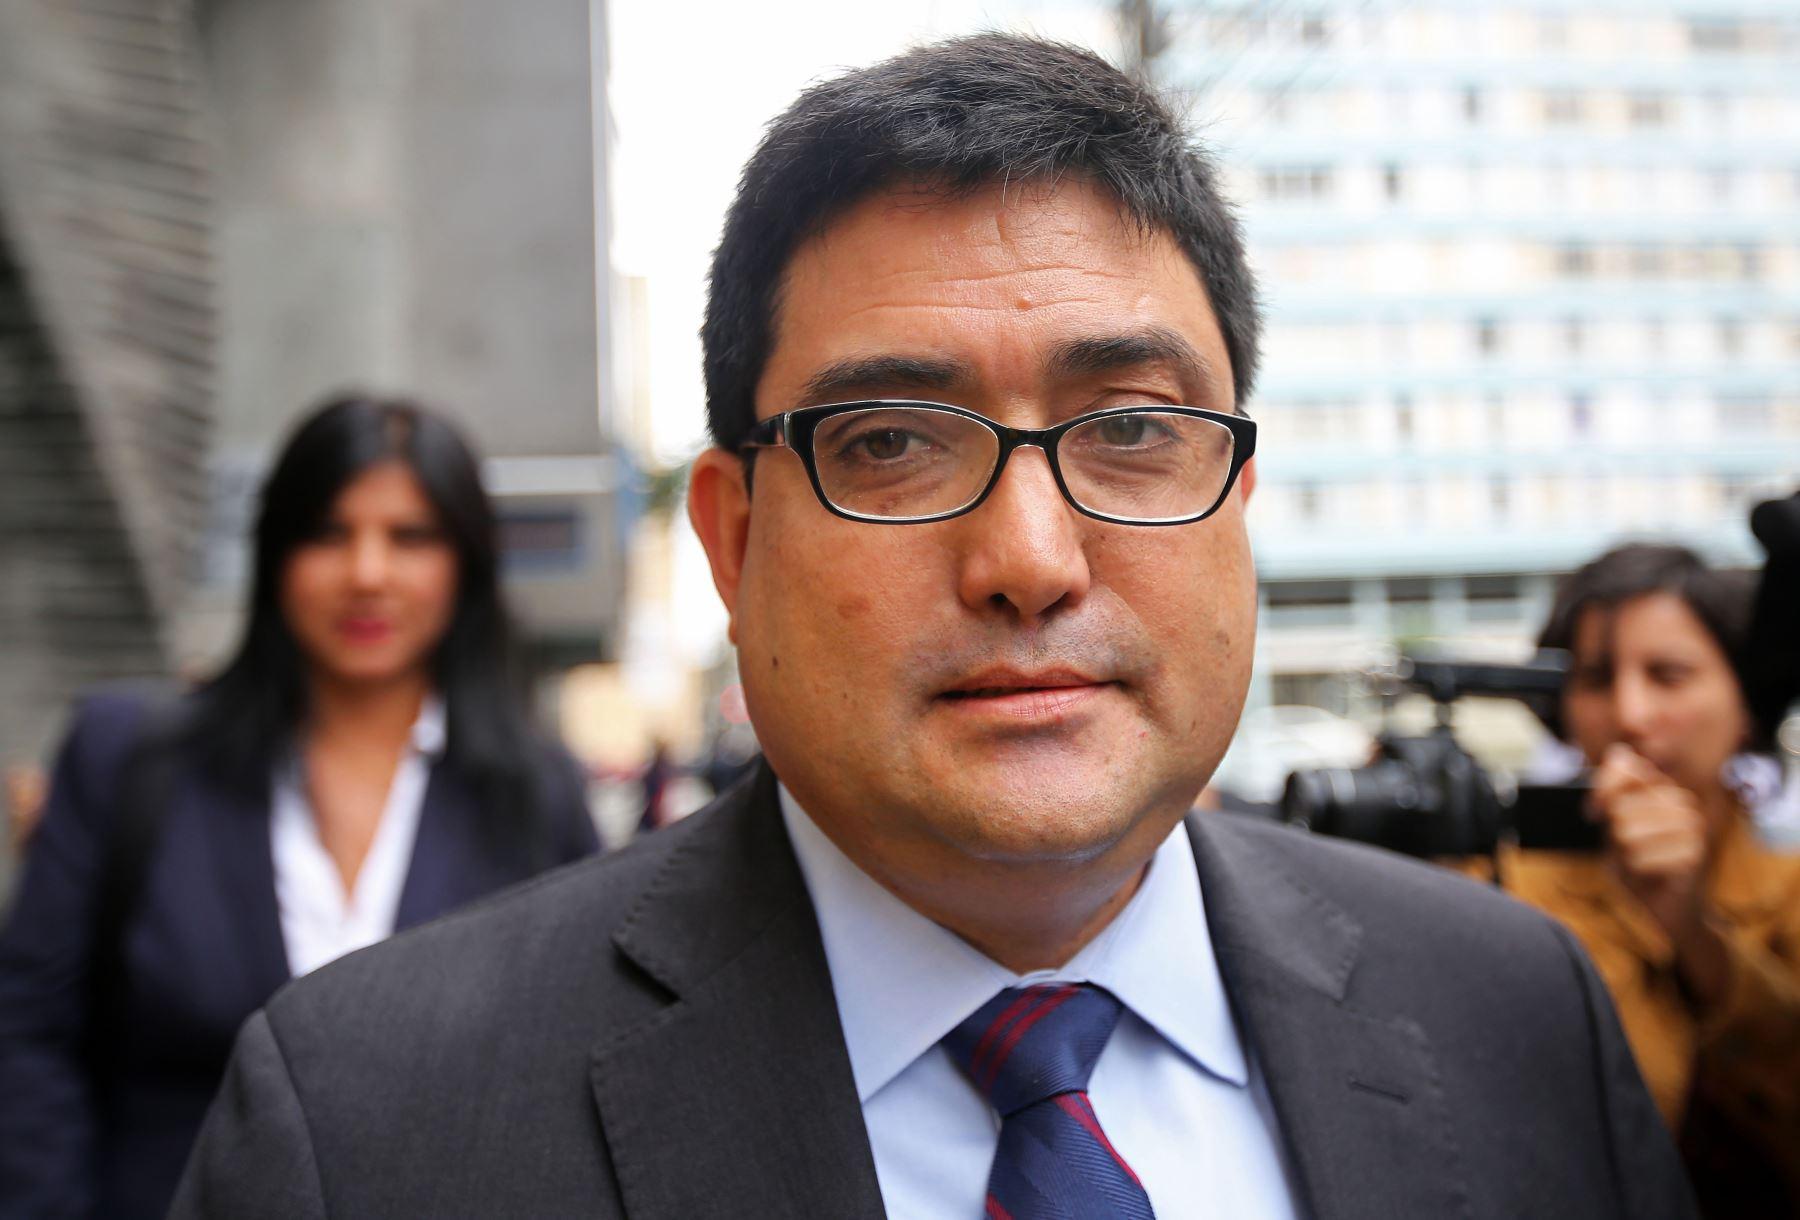 El fiscal Jorge Ramírez abandona el Ministerio Público Federal en Curitiba, Brasil. Foto: AFP